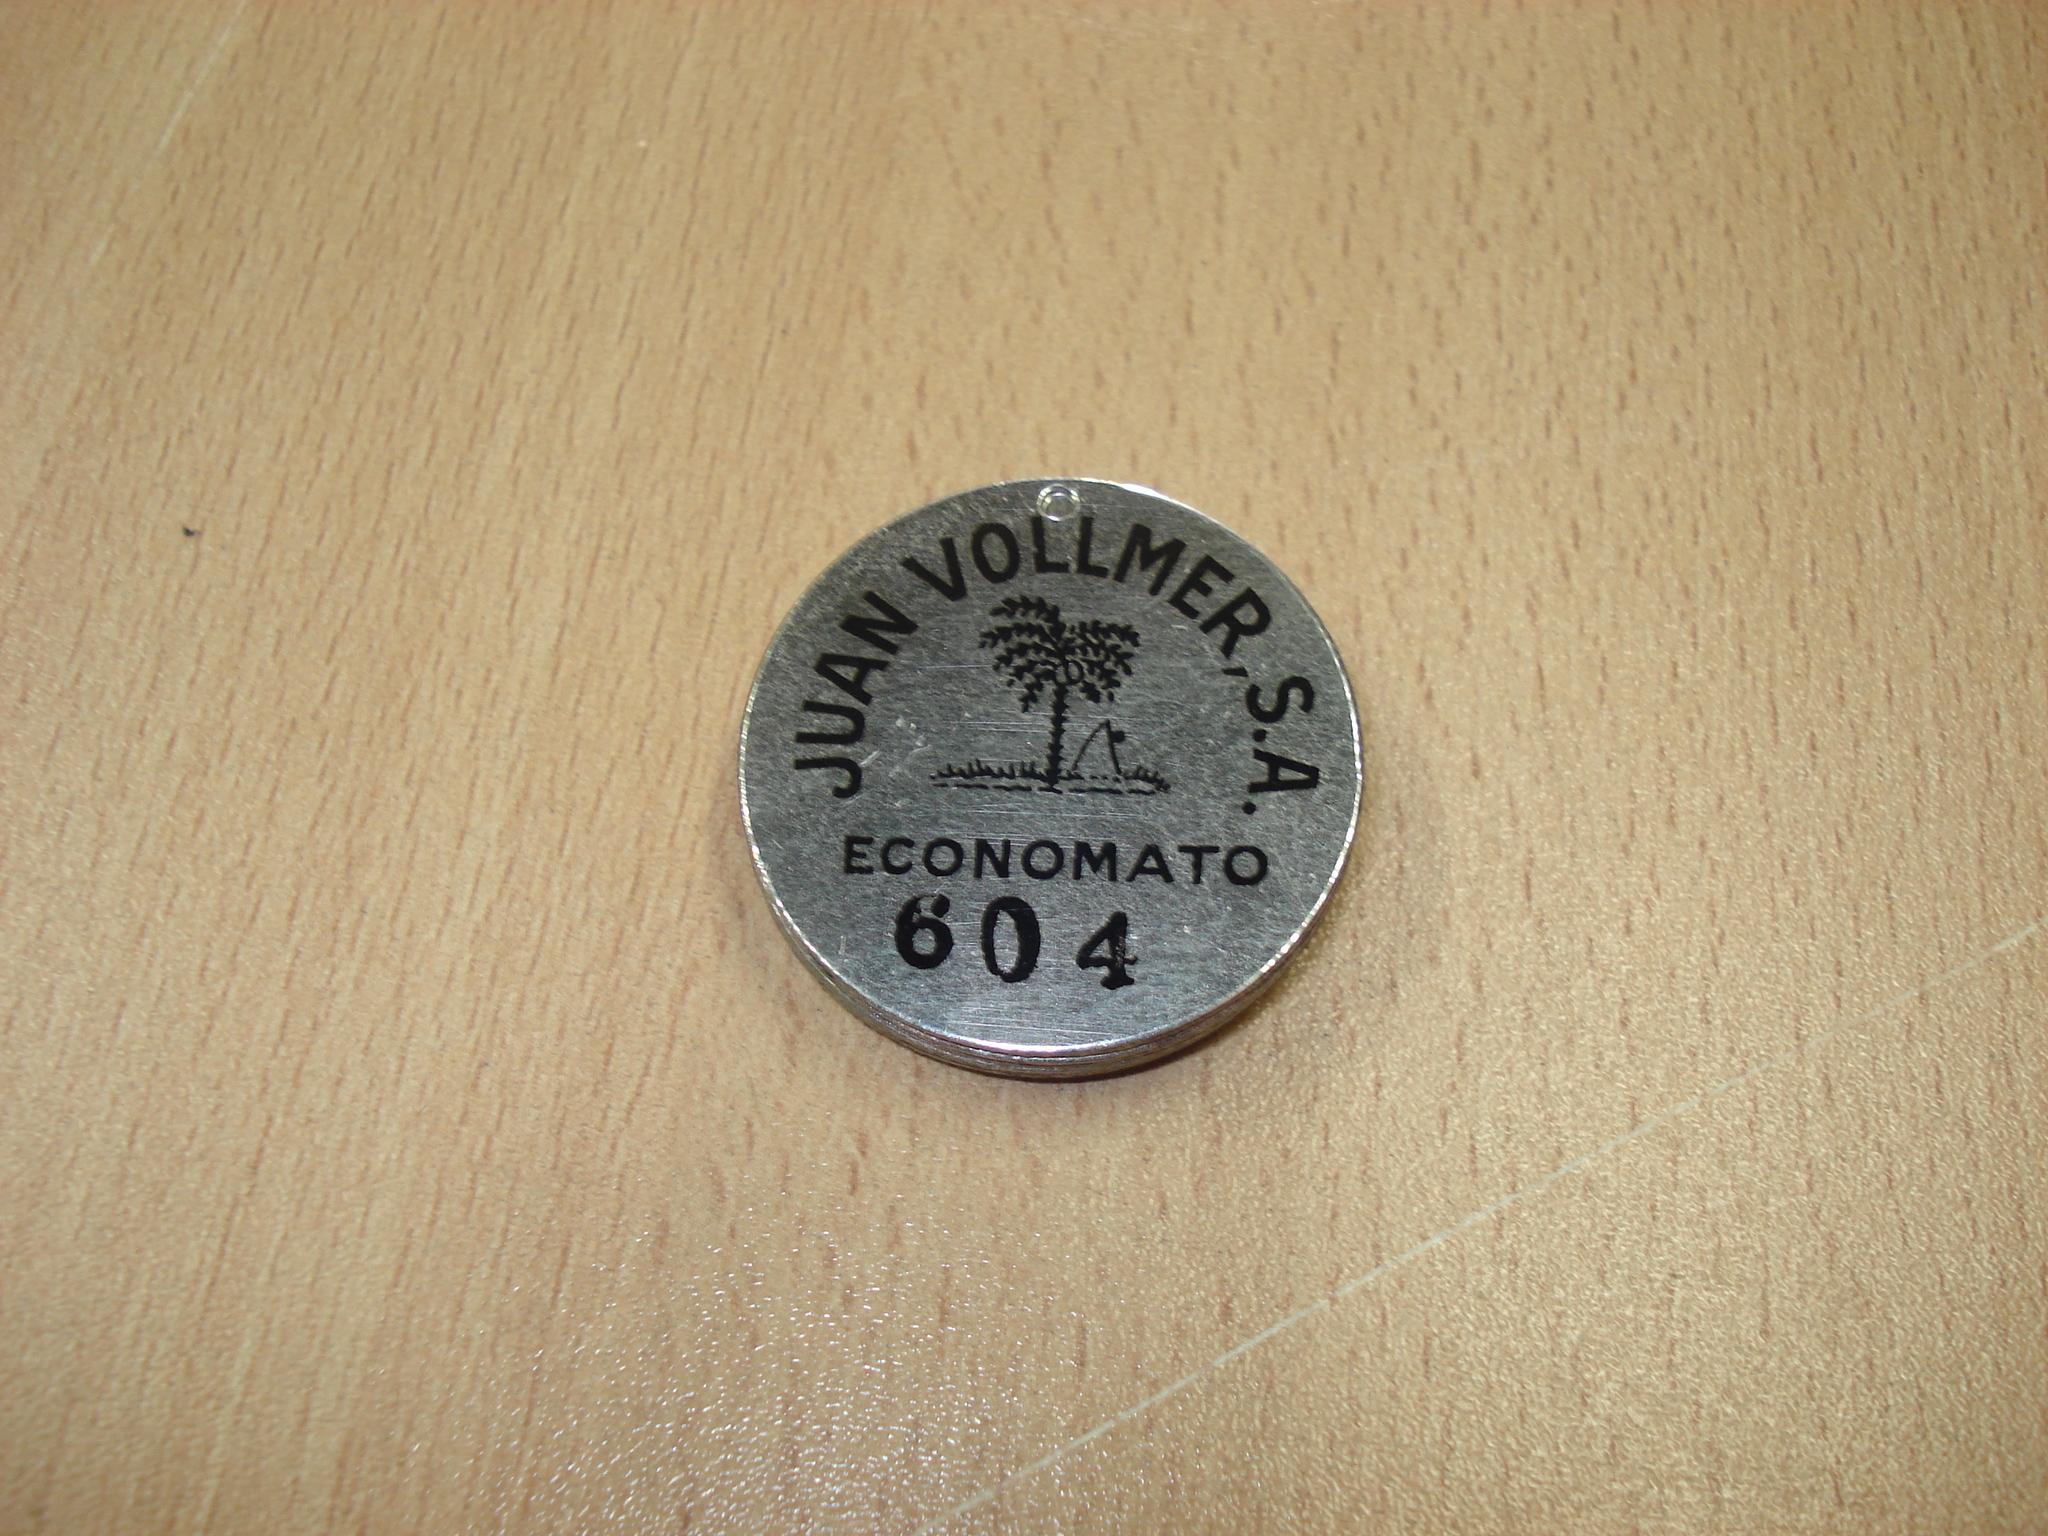 Chapas identificativas de la marca PALMERA de Juan Vollmer, S.A.